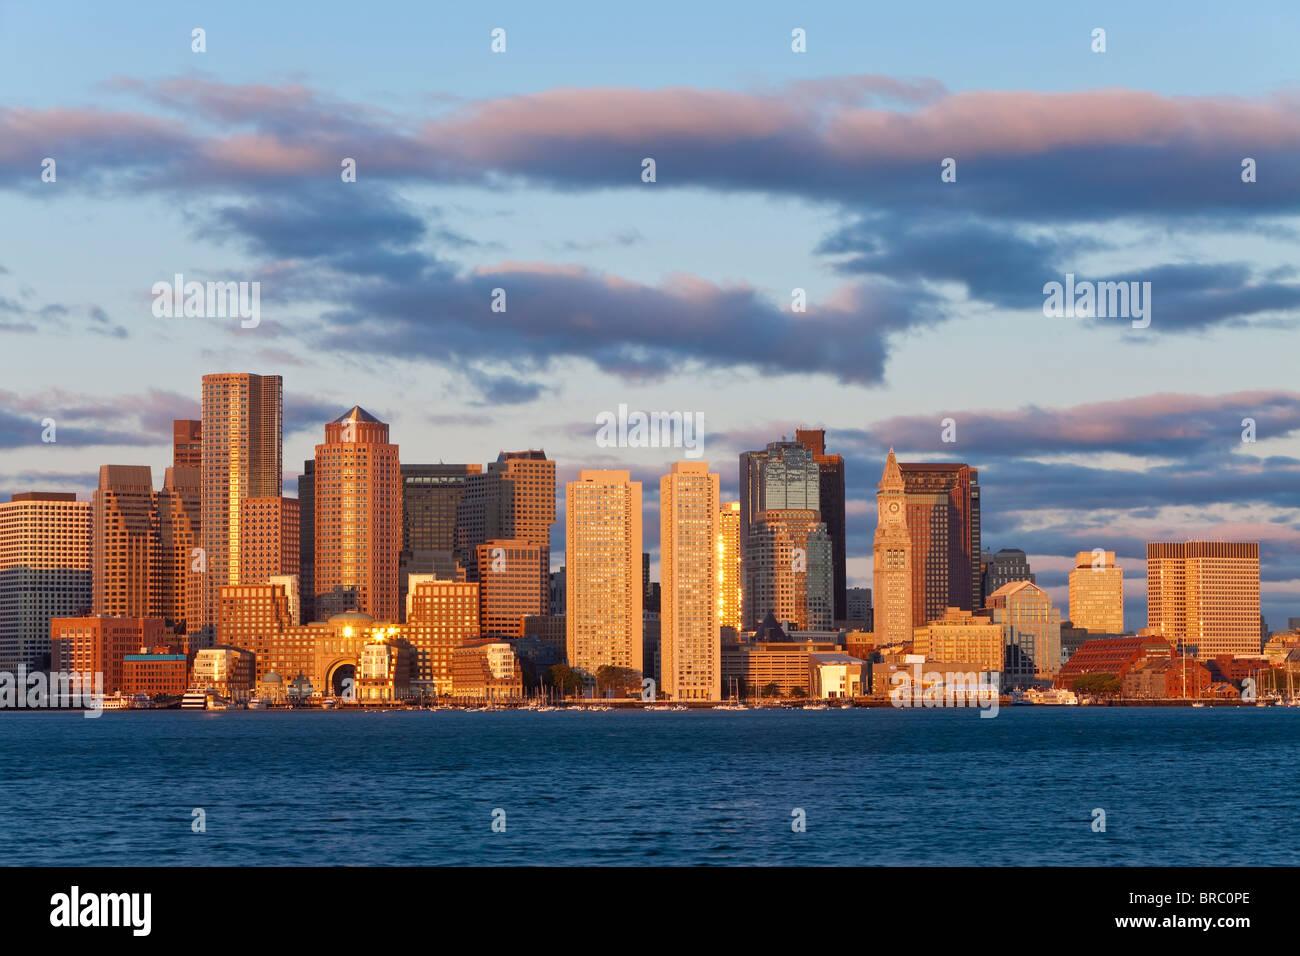 Città skline visto di fronte al porto di Boston all'alba, Boston, Massachusetts, New England, STATI UNITI Immagini Stock